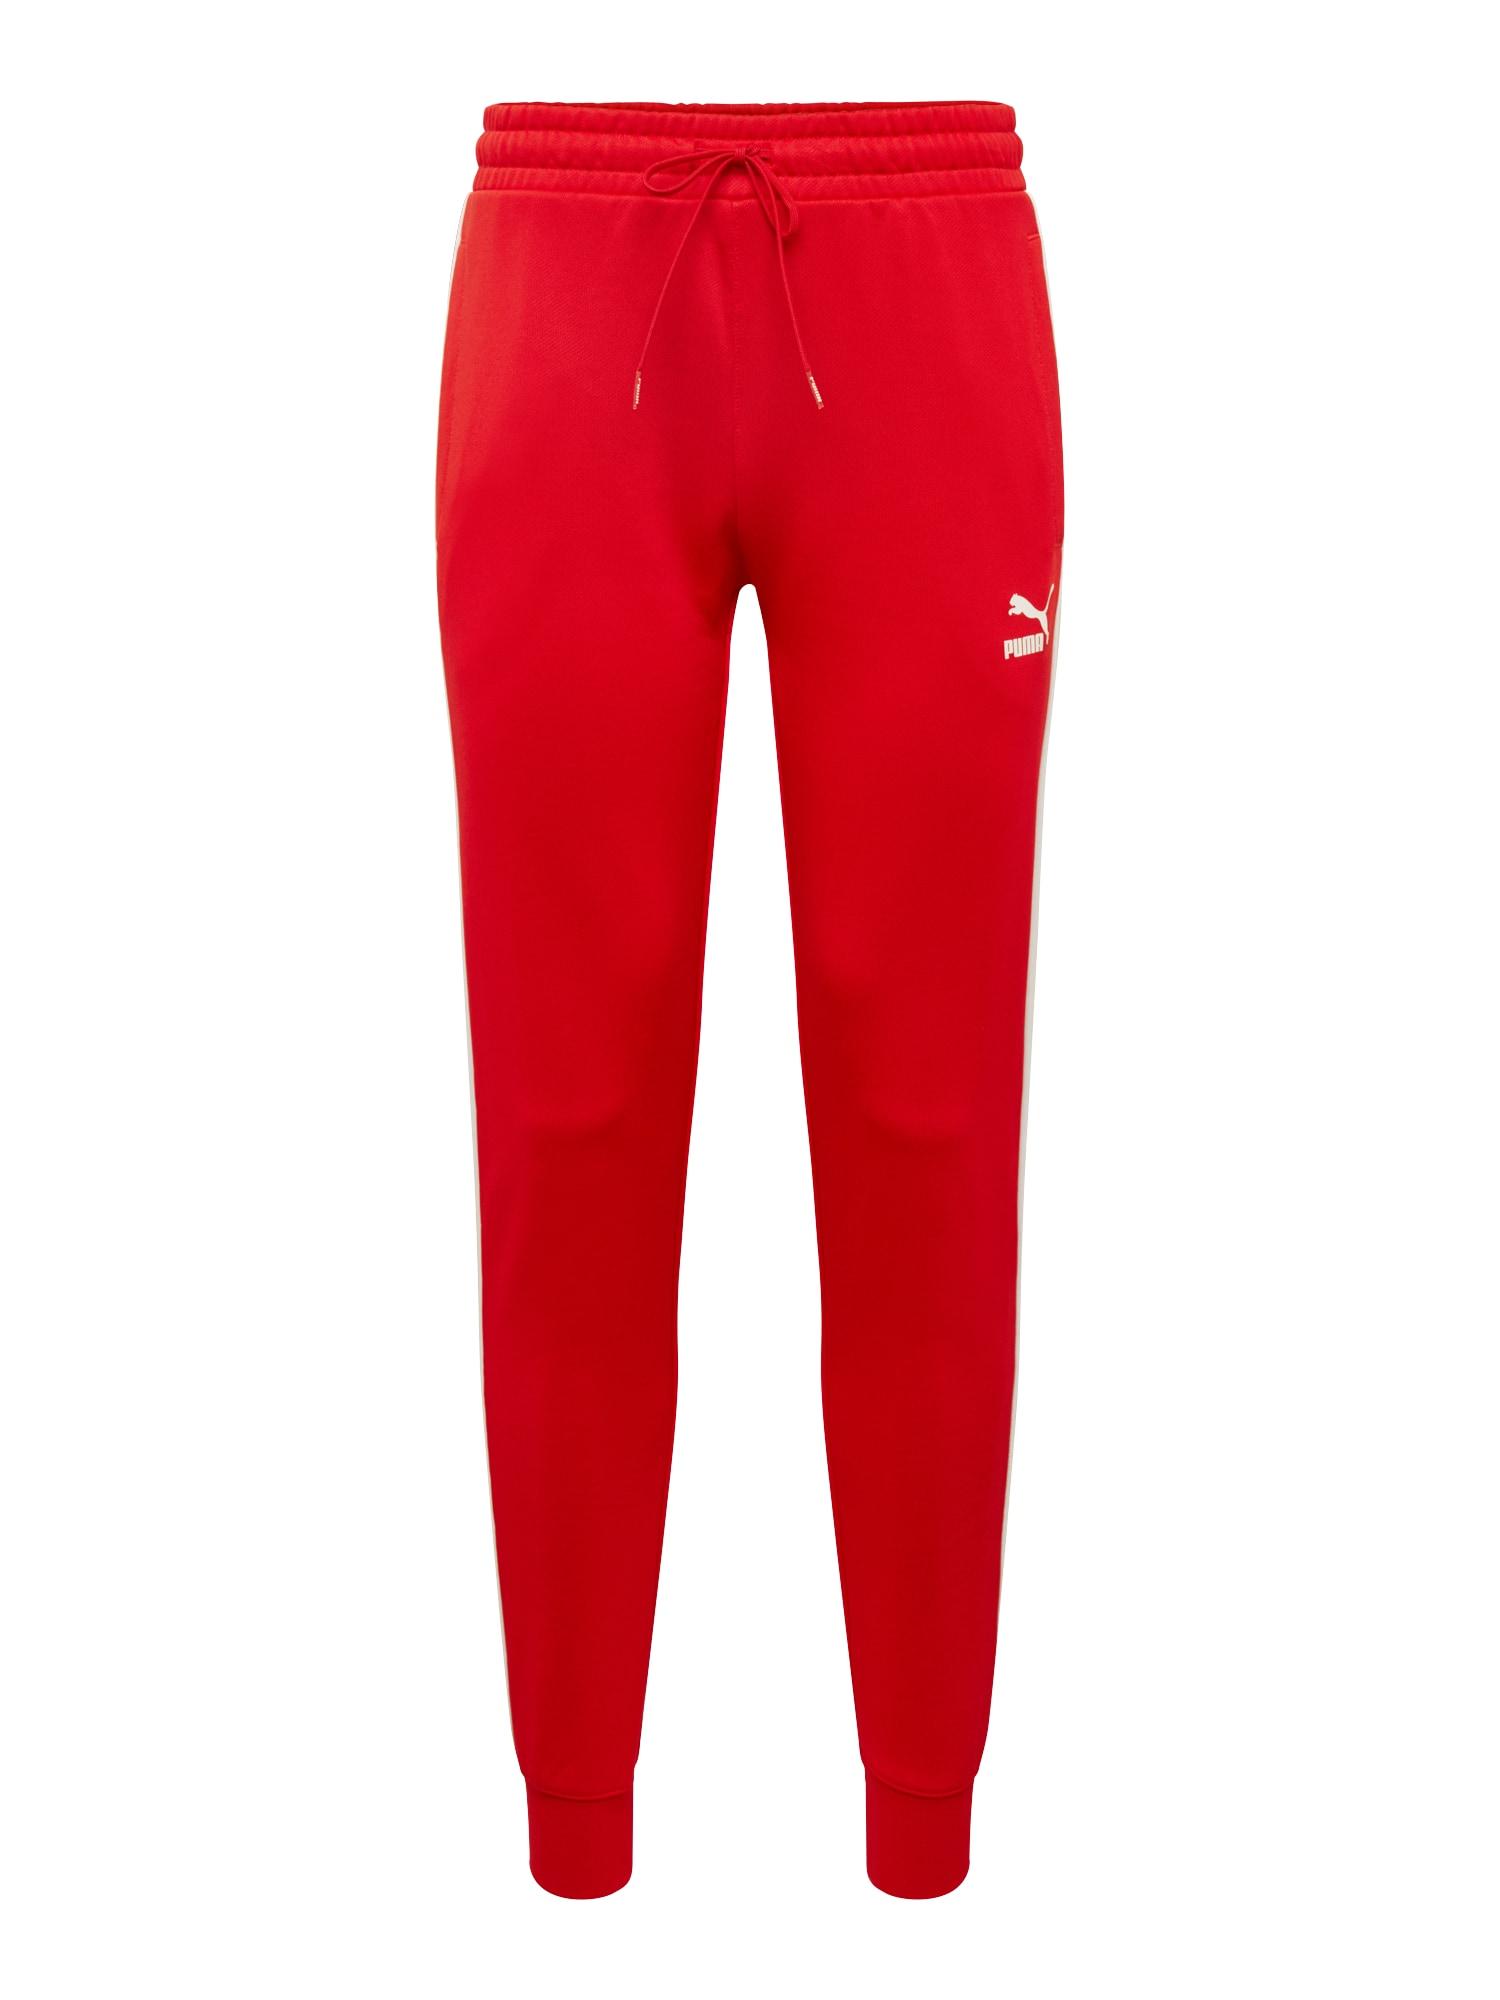 Kalhoty Iconic T7 světle červená bílá PUMA